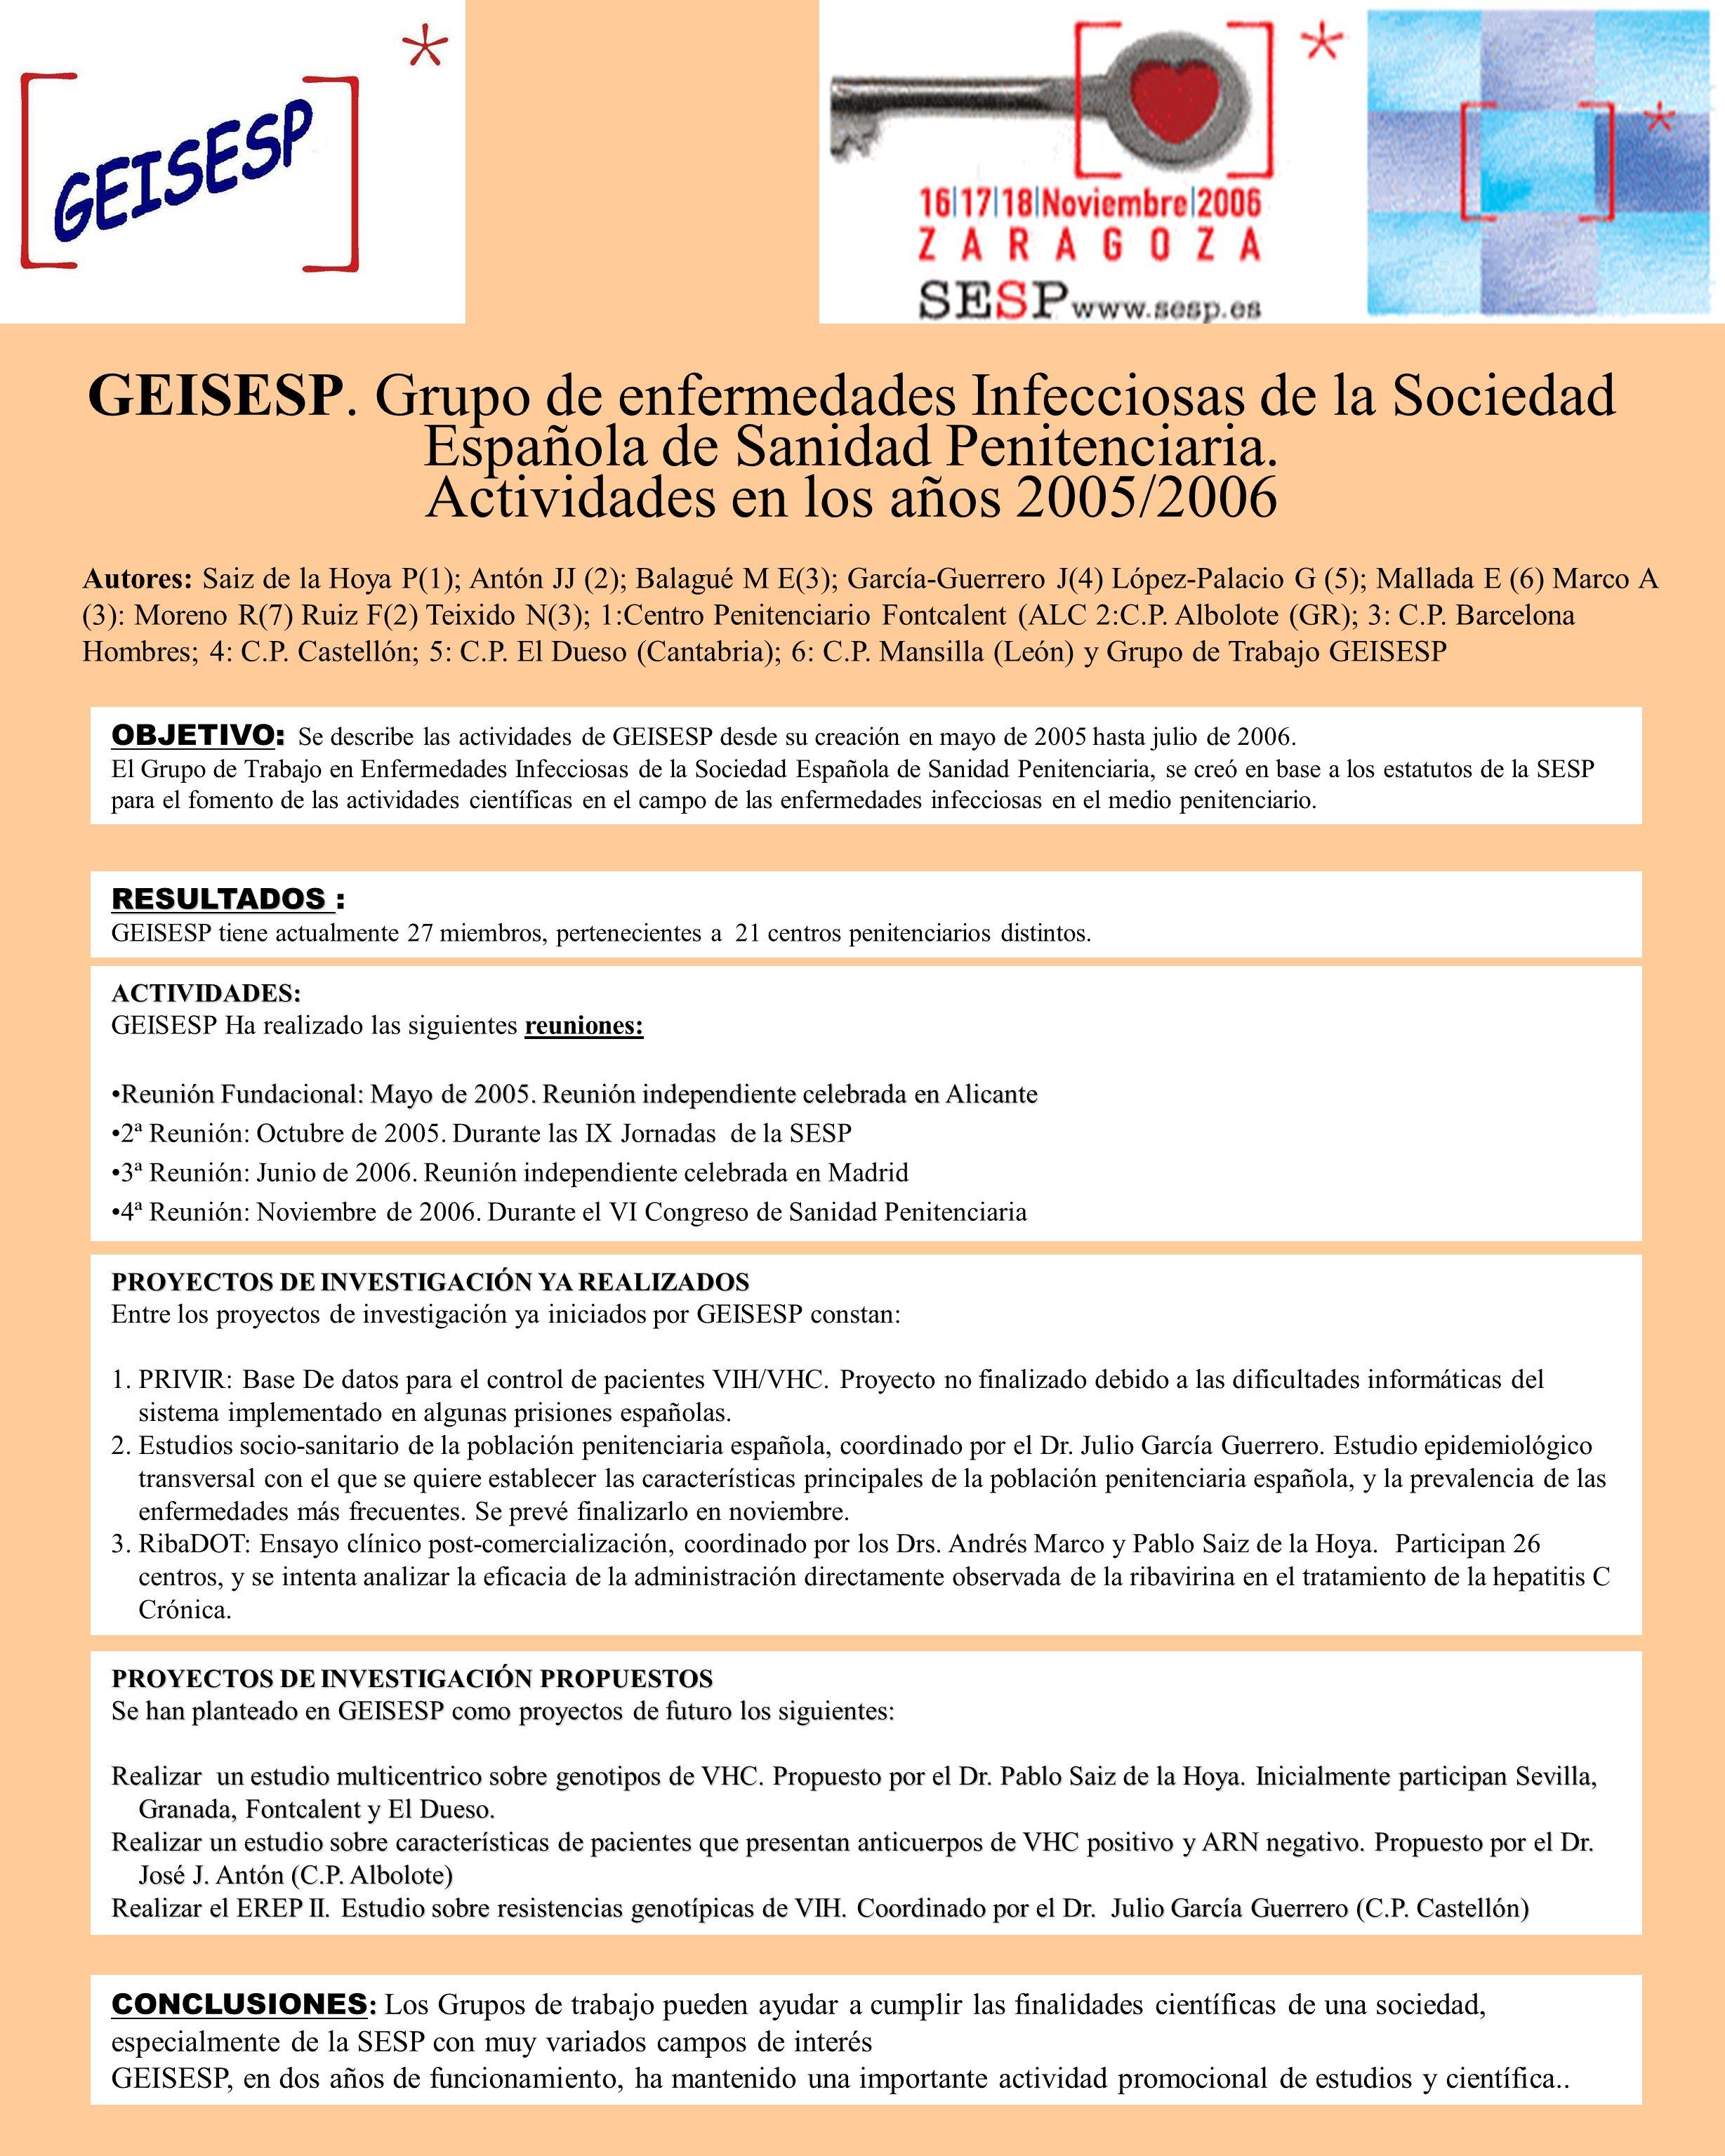 GEISESP. Grupo de enfermedades Infecciosas de la Sociedad Española de Sanidad Penitenciaria. Actividades en los años 2005/2006 Autores: Saiz de la Hoy